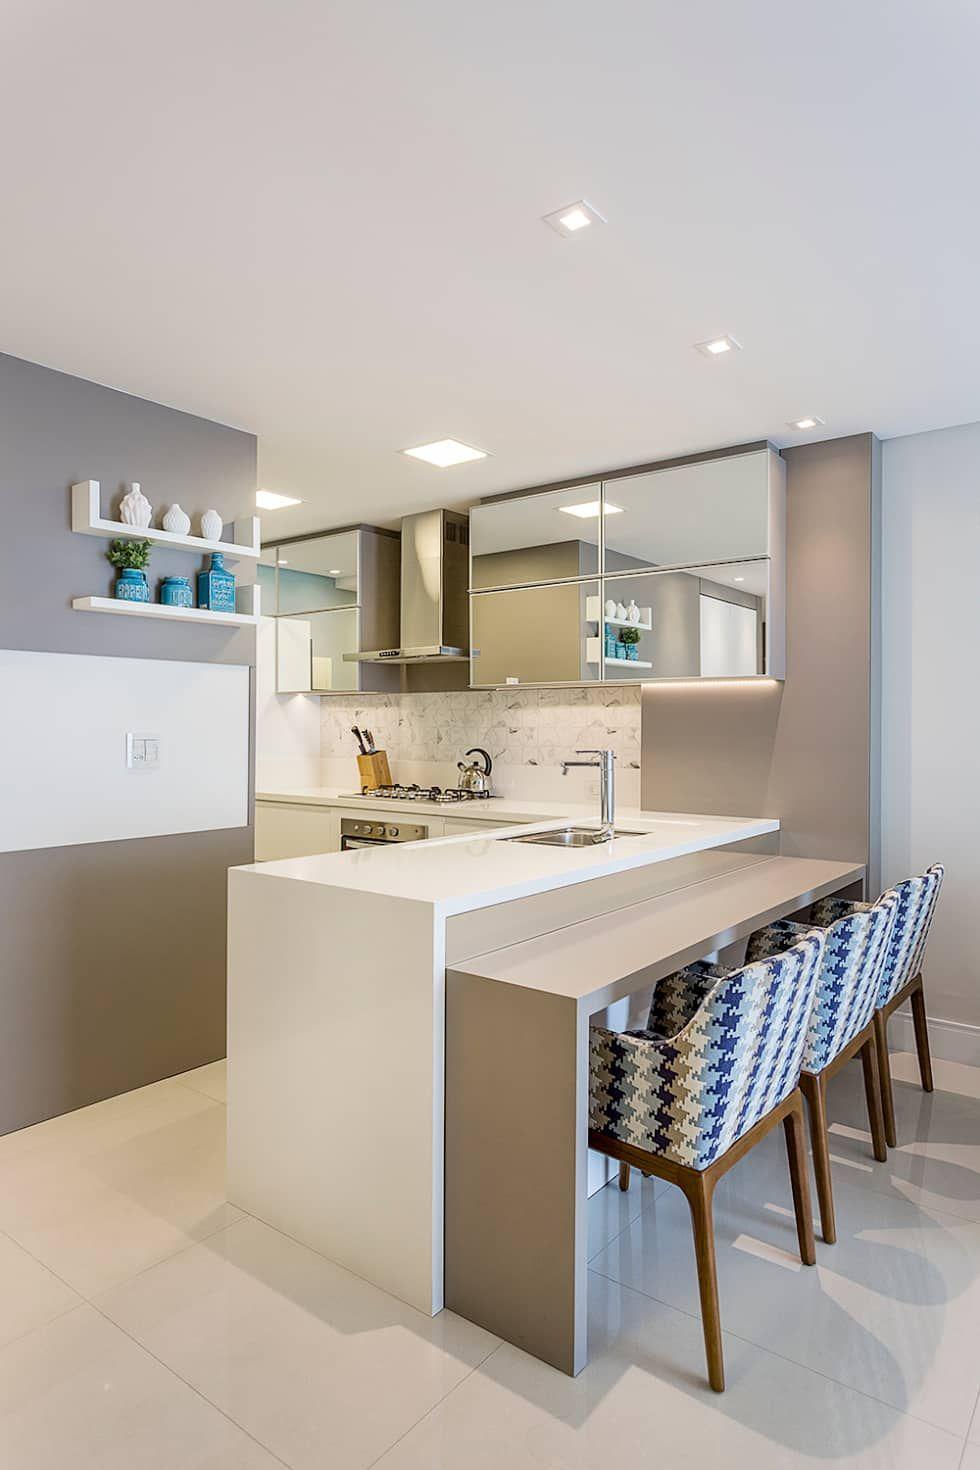 Idee Per La Cucina cucina moderna di juliana agner arquitetura e interiores